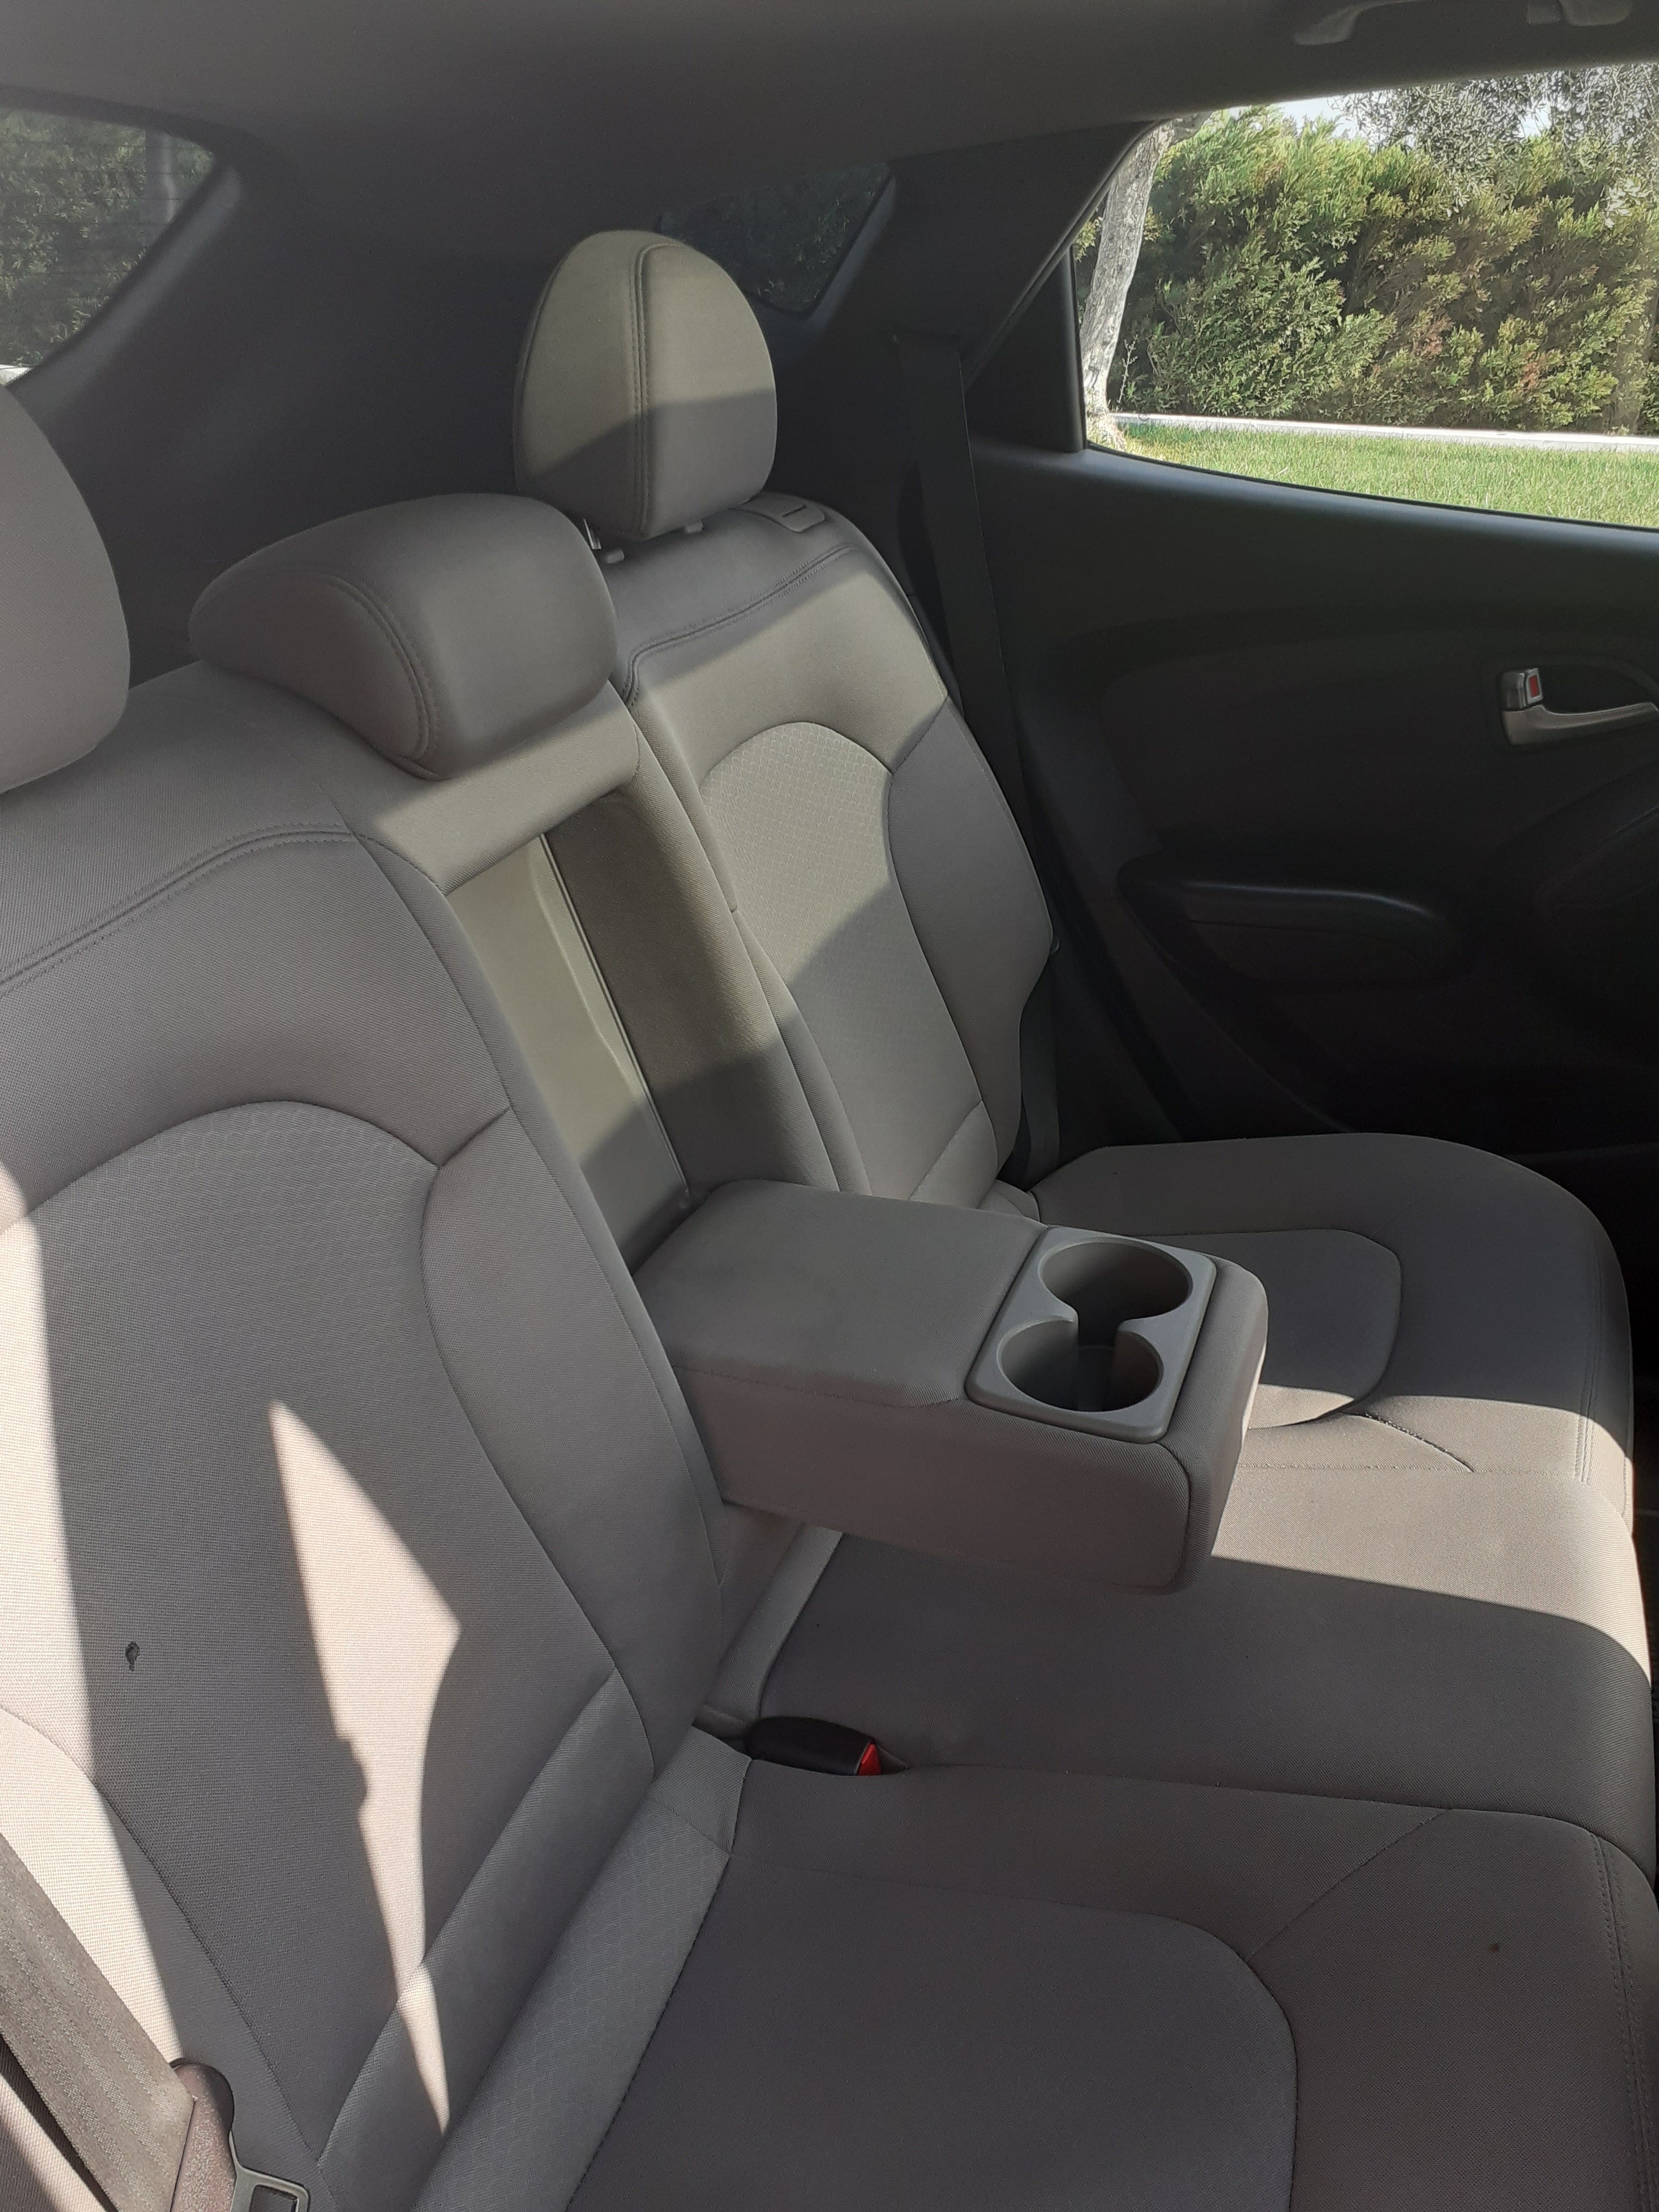 Hyundai ix 35 2.0(lt) 2012 Подержанный  $23500